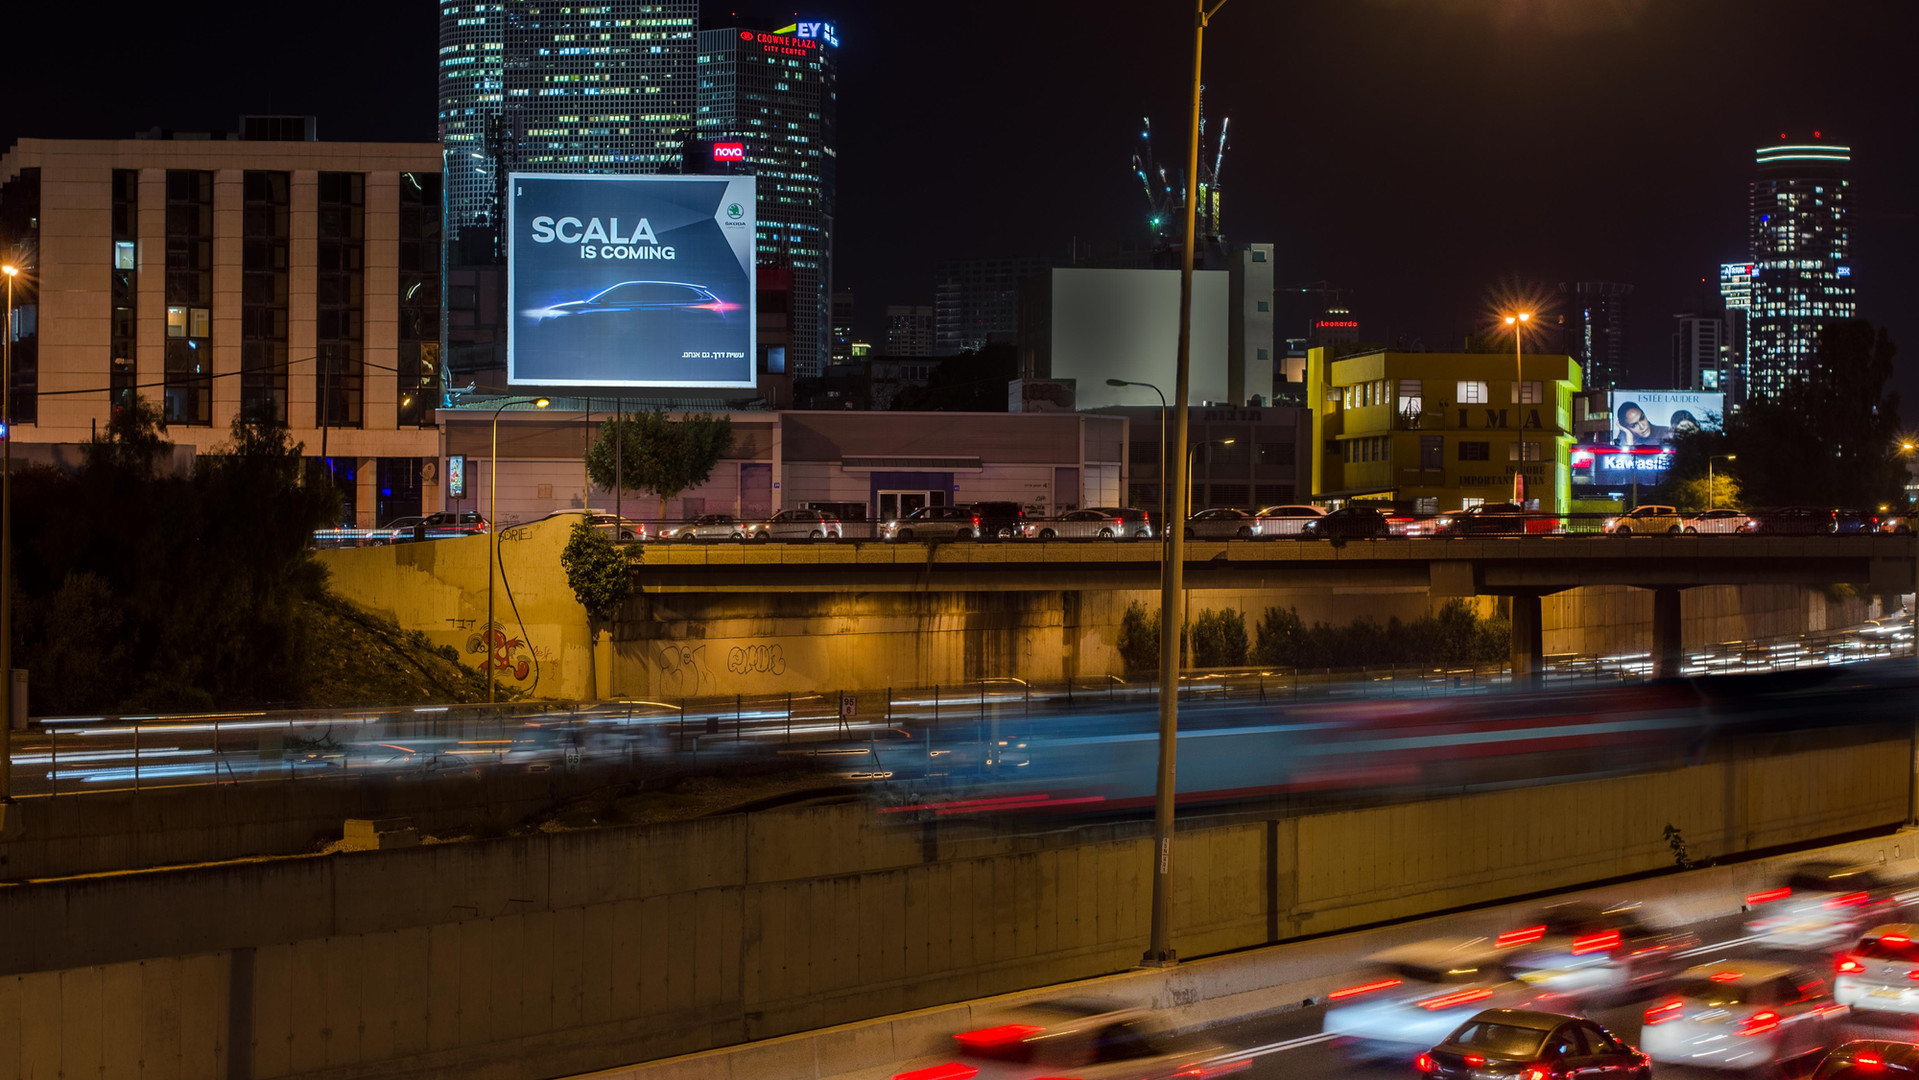 שלטי חוצות תל אביב